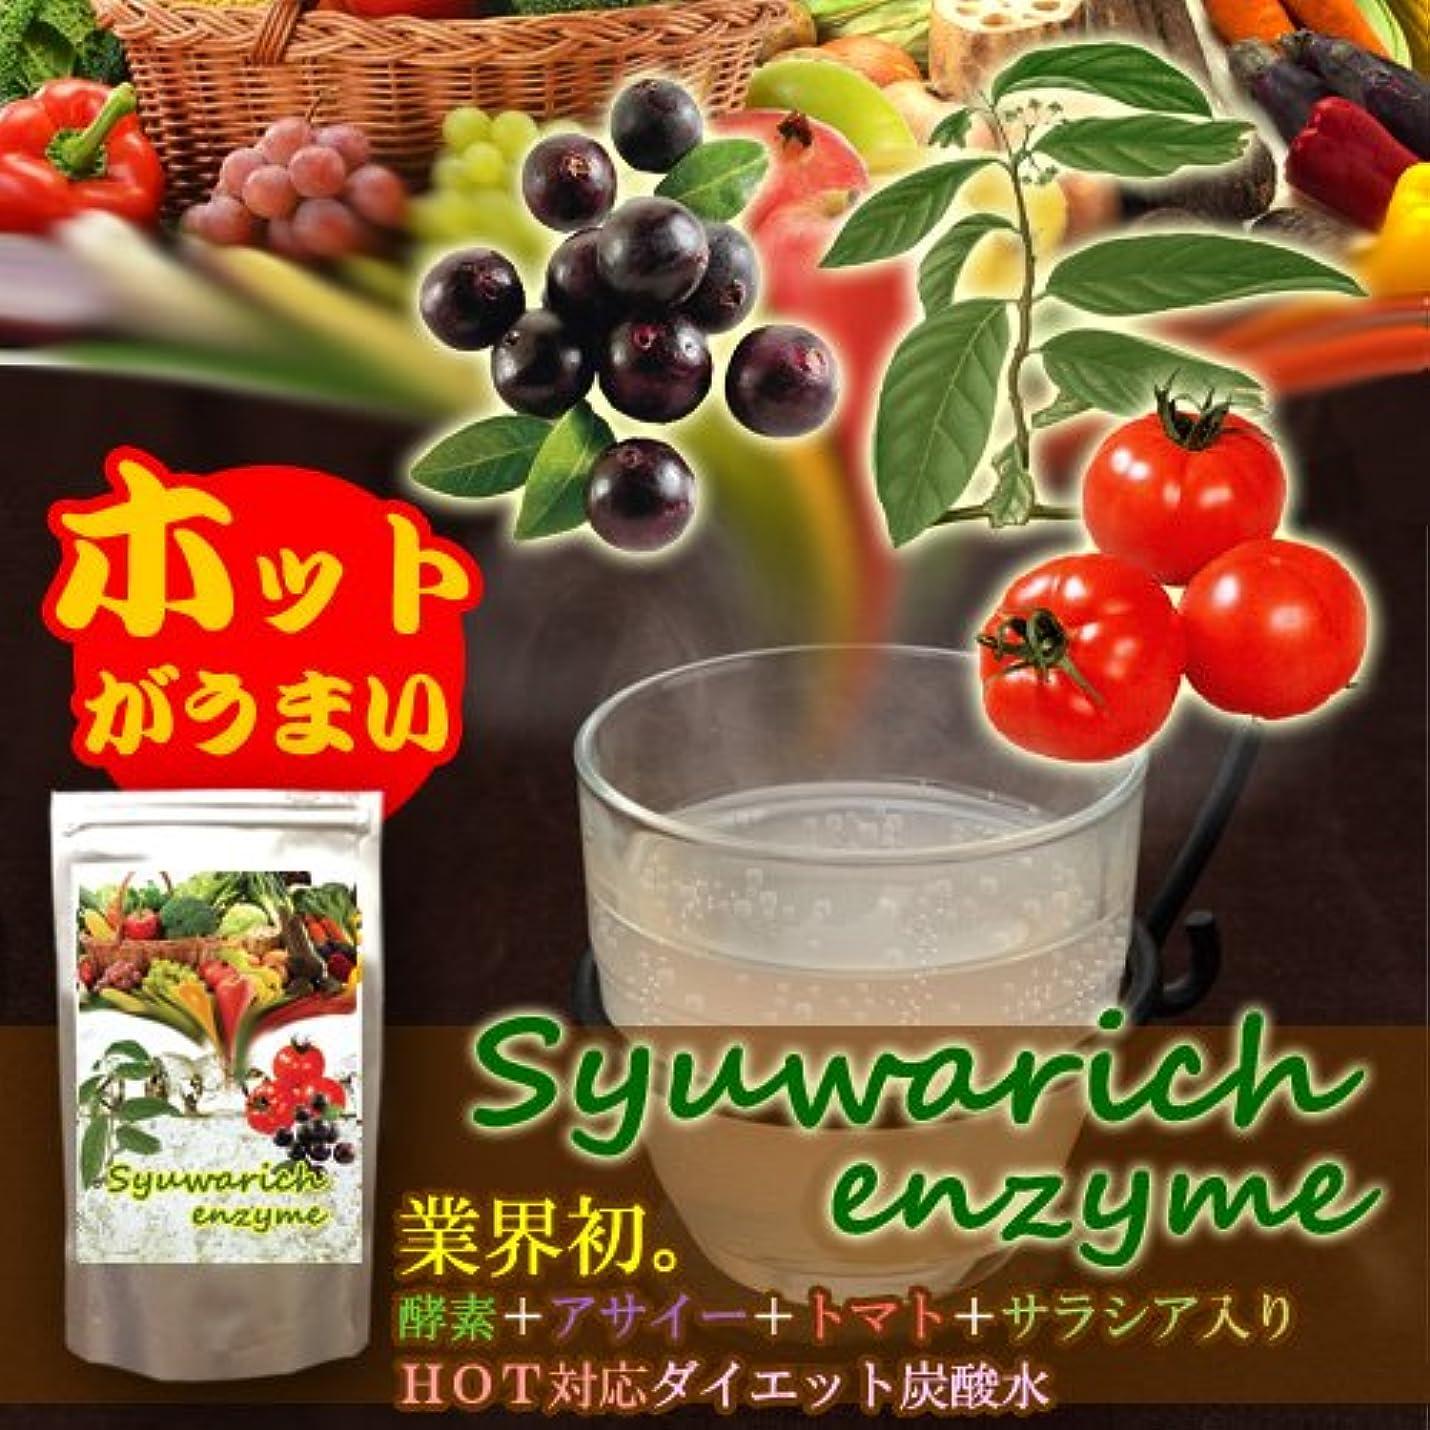 巻き取りネイティブストレスの多いシュワリッチ エンザイム 2個セット(酵素+アサイー+トマト+サラシア+フォルスコリ配合 ホット対応ダイエット炭酸水)